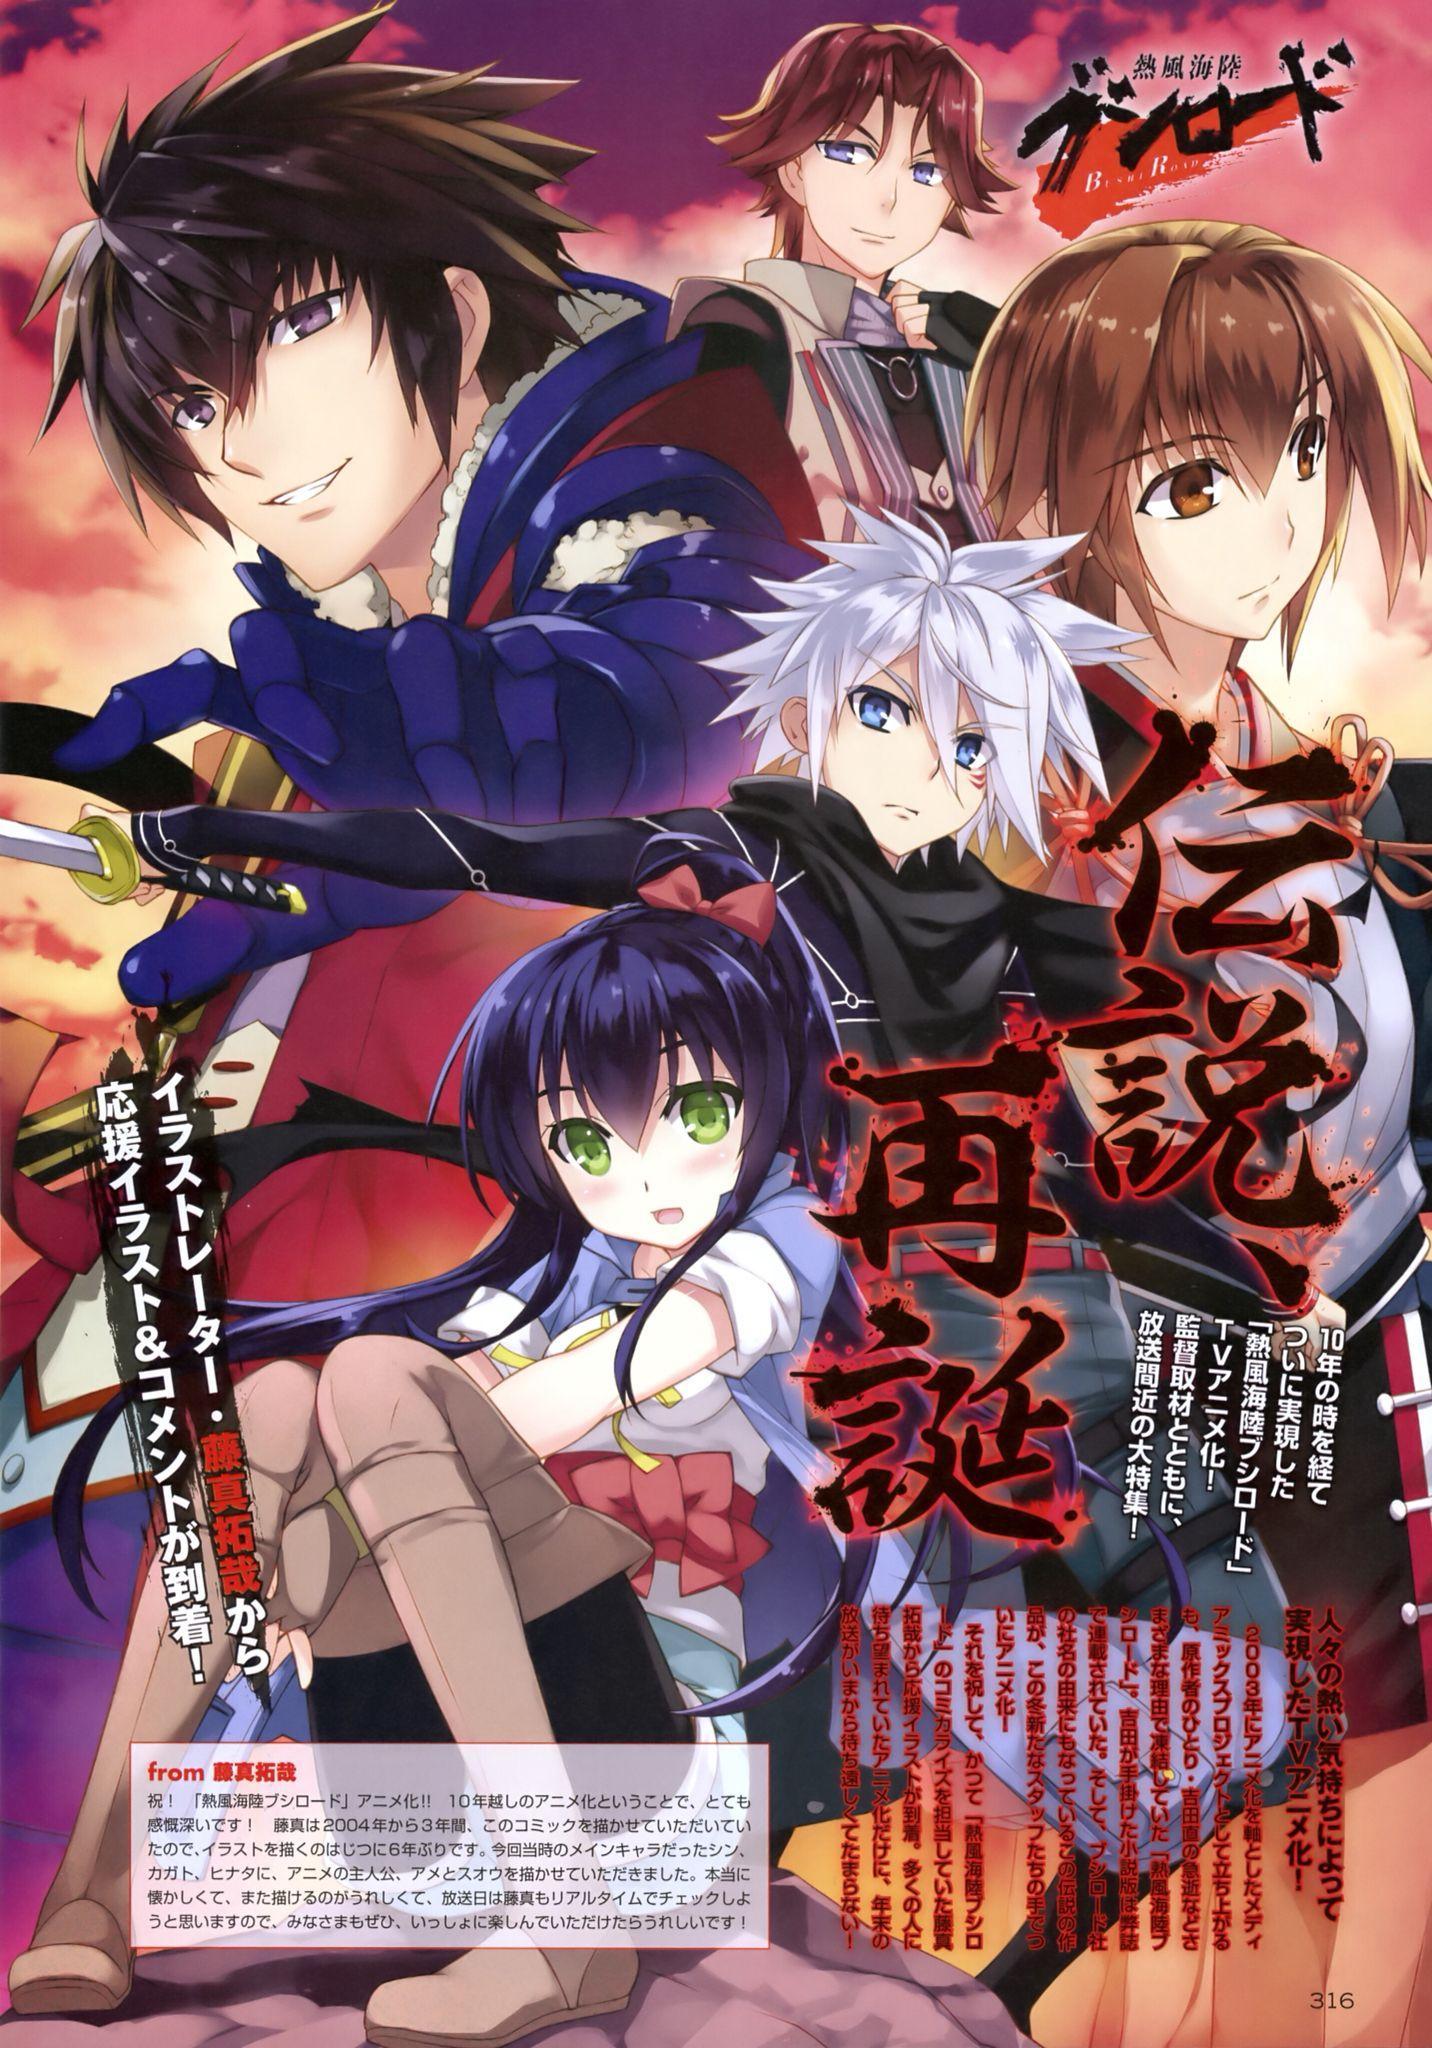 Pin di 🌸 𝖭 𝖠 𝗂 🌸 su Anime & Manga